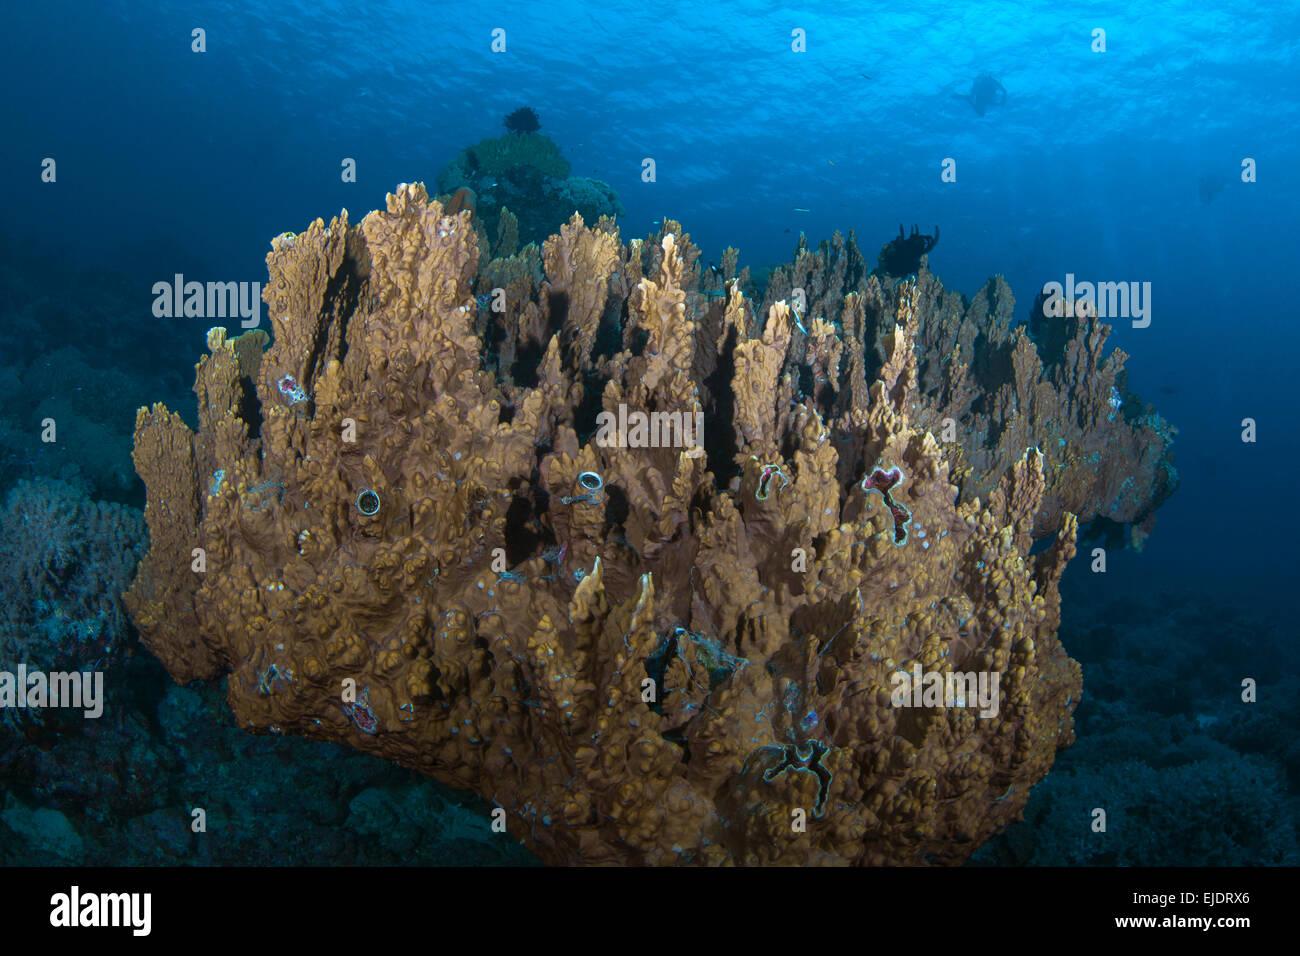 Colonias de coral duro Columnar (Montipora sp.) parece flotar sobre el suelo marino, con siluetas de los buceadores en las aguas azules del fondo. Foto de stock